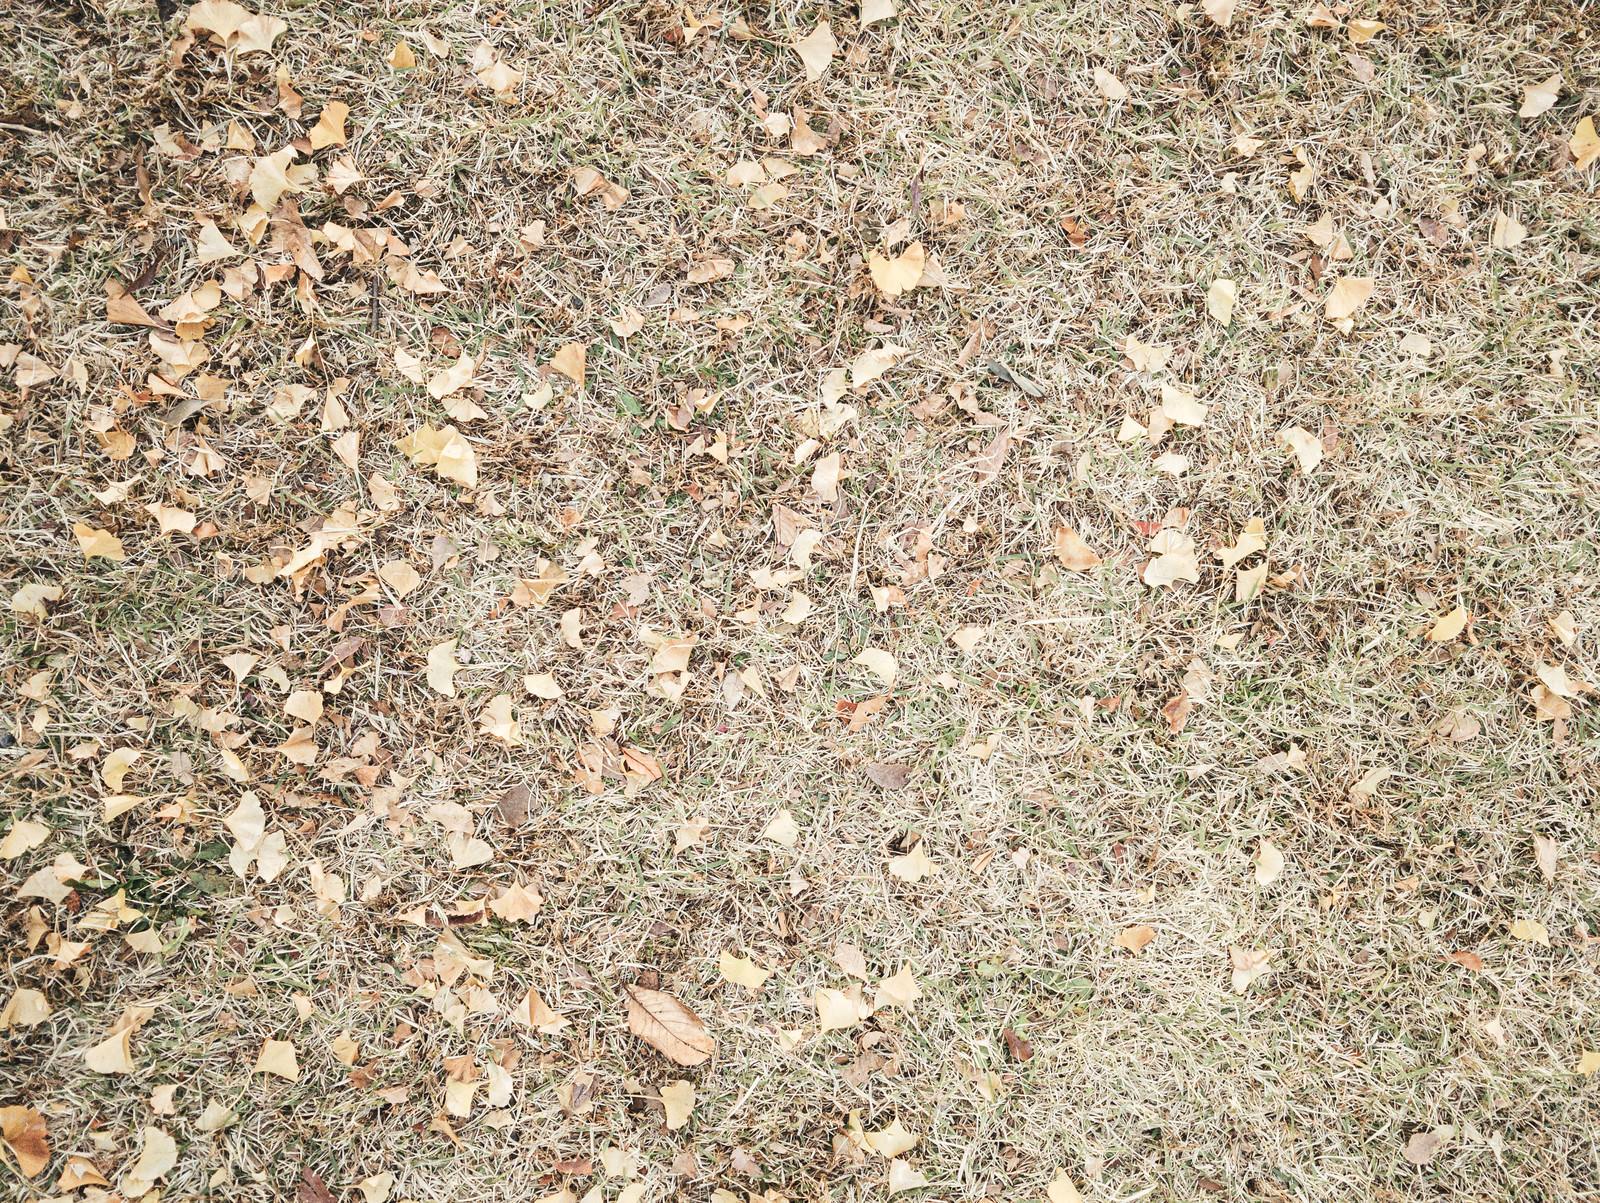 「枯れた芝生と銀杏の落葉(テクスチャ)」の写真